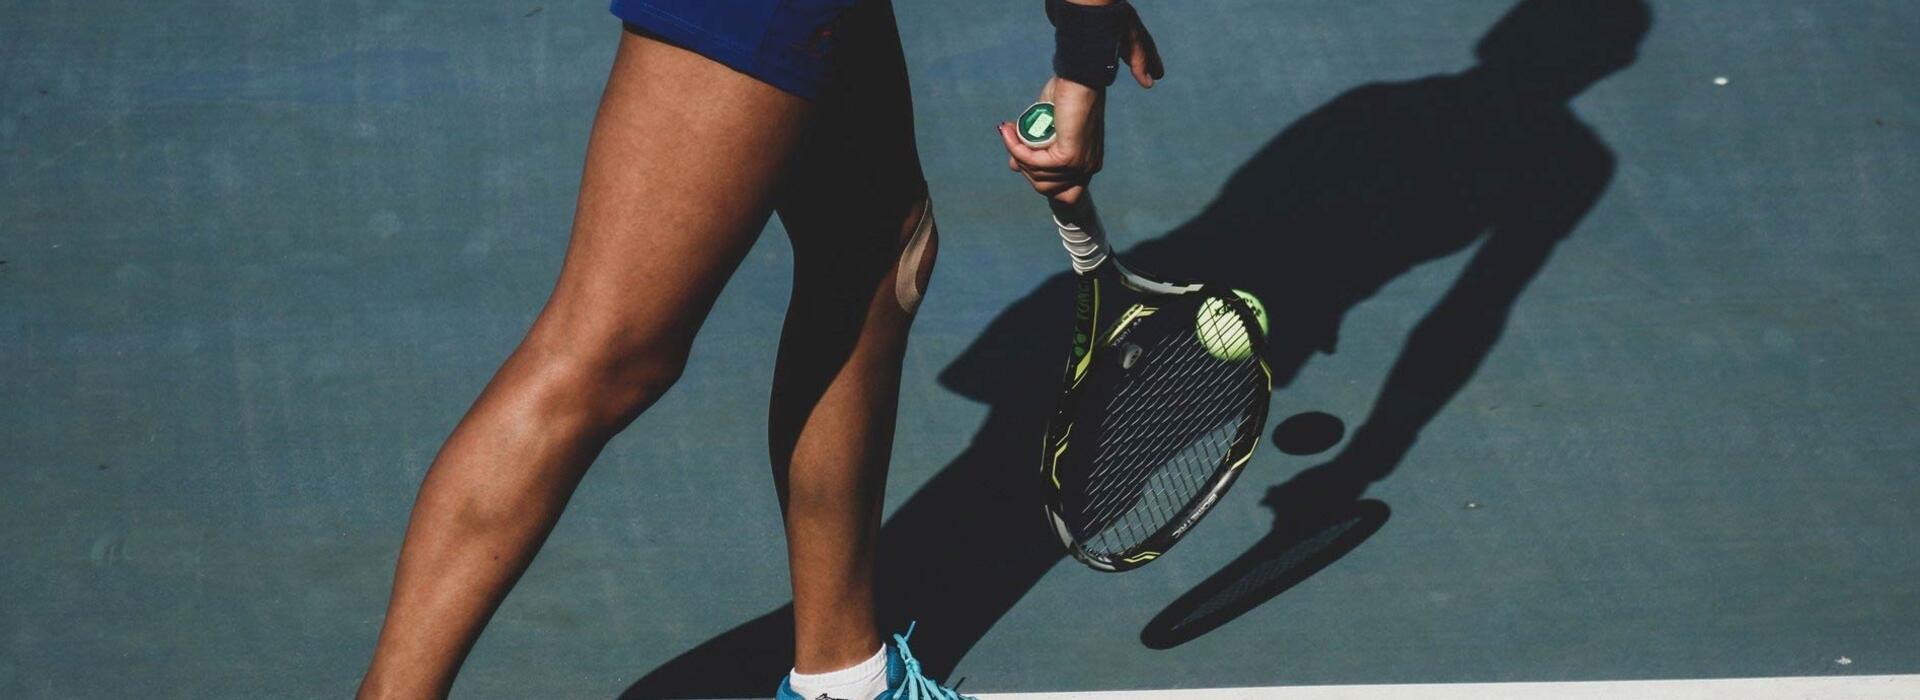 hotelvictoria fr tennis 015